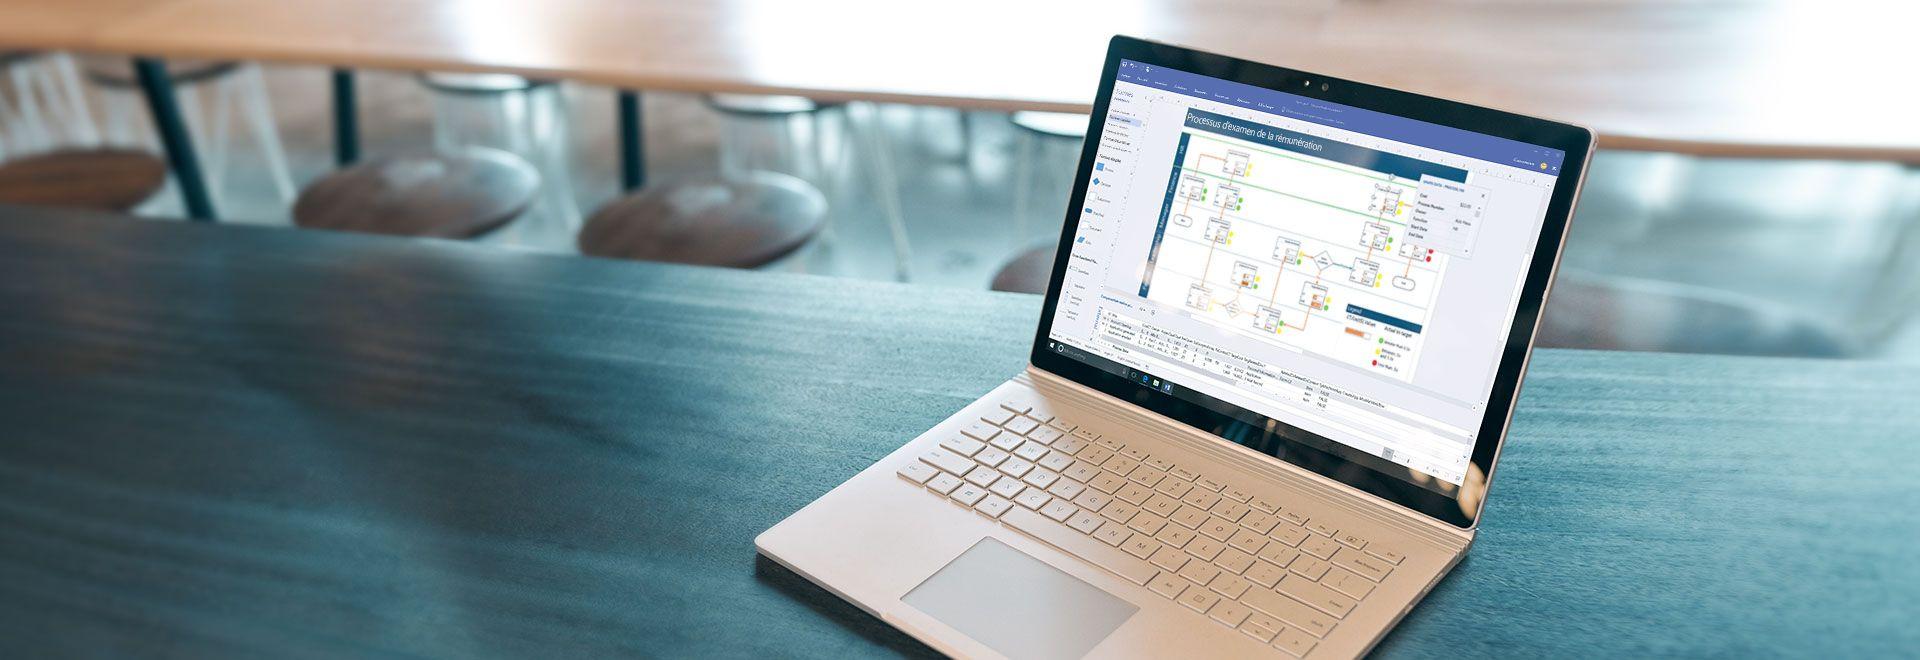 Ordinateur portable affichant un diagramme de flux de travail de processus dans Visio Pro pour Office 365